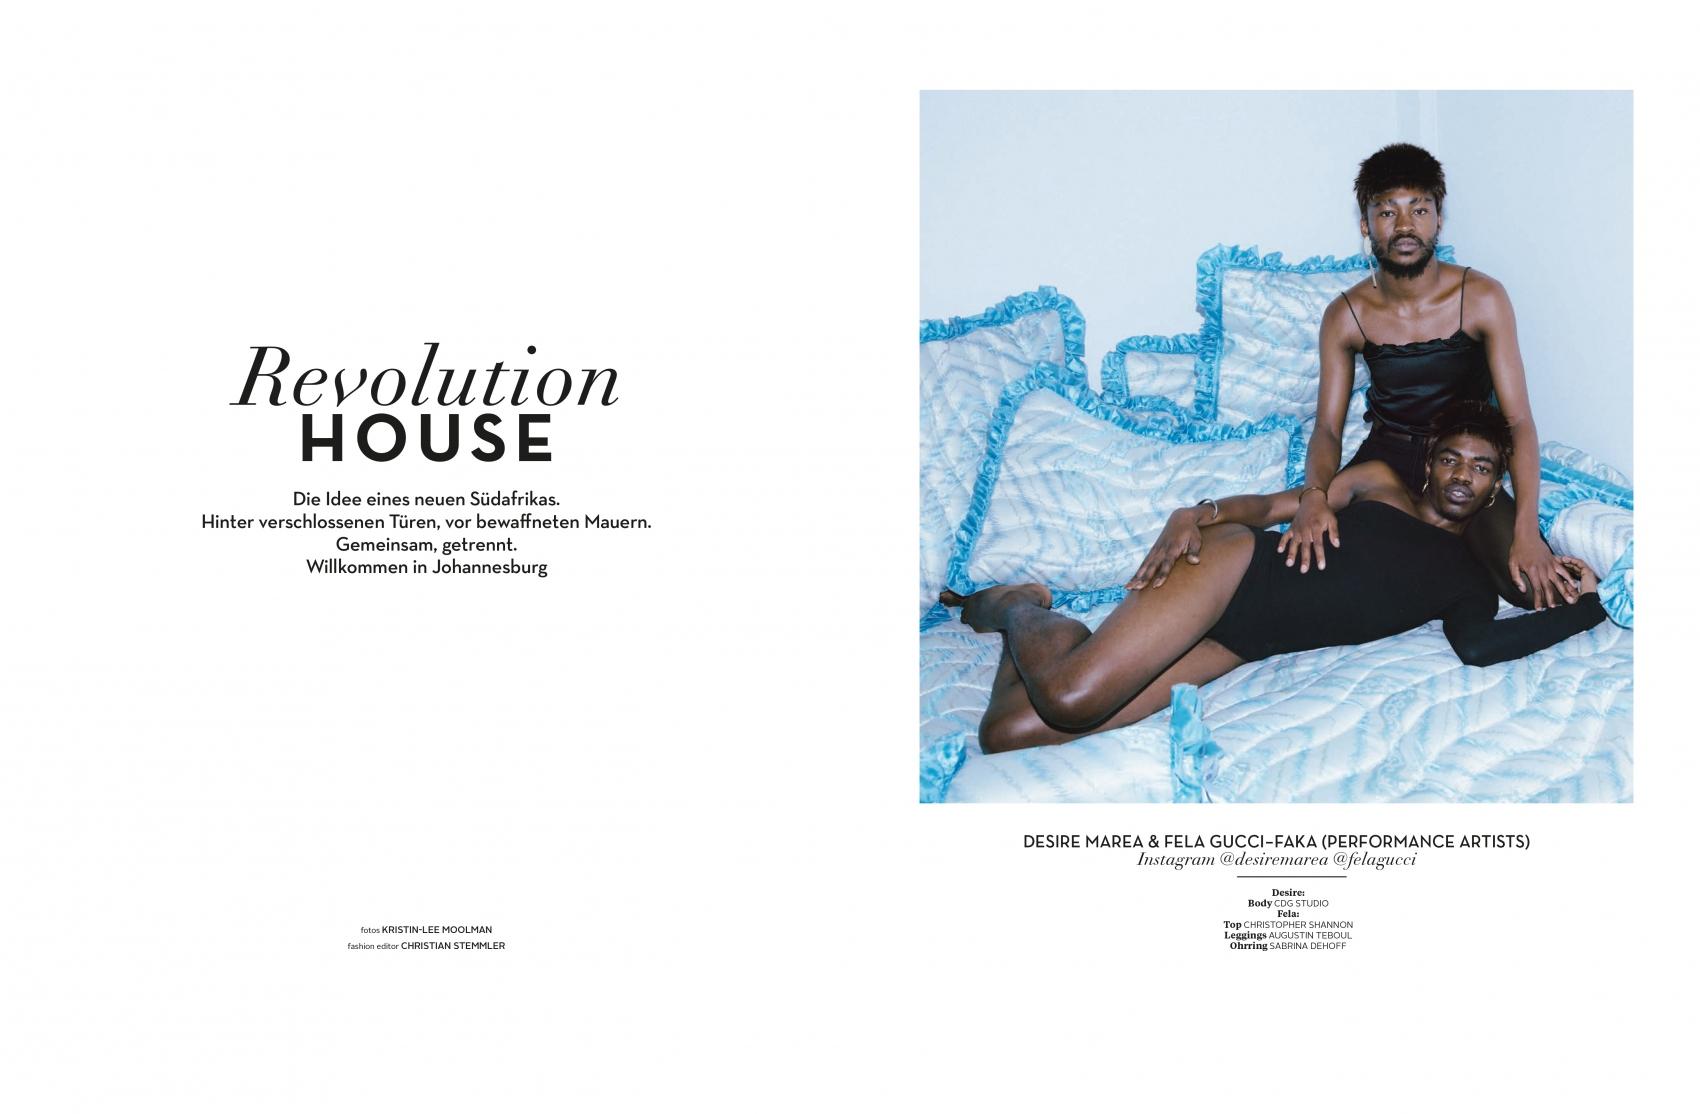 revolution-house-1